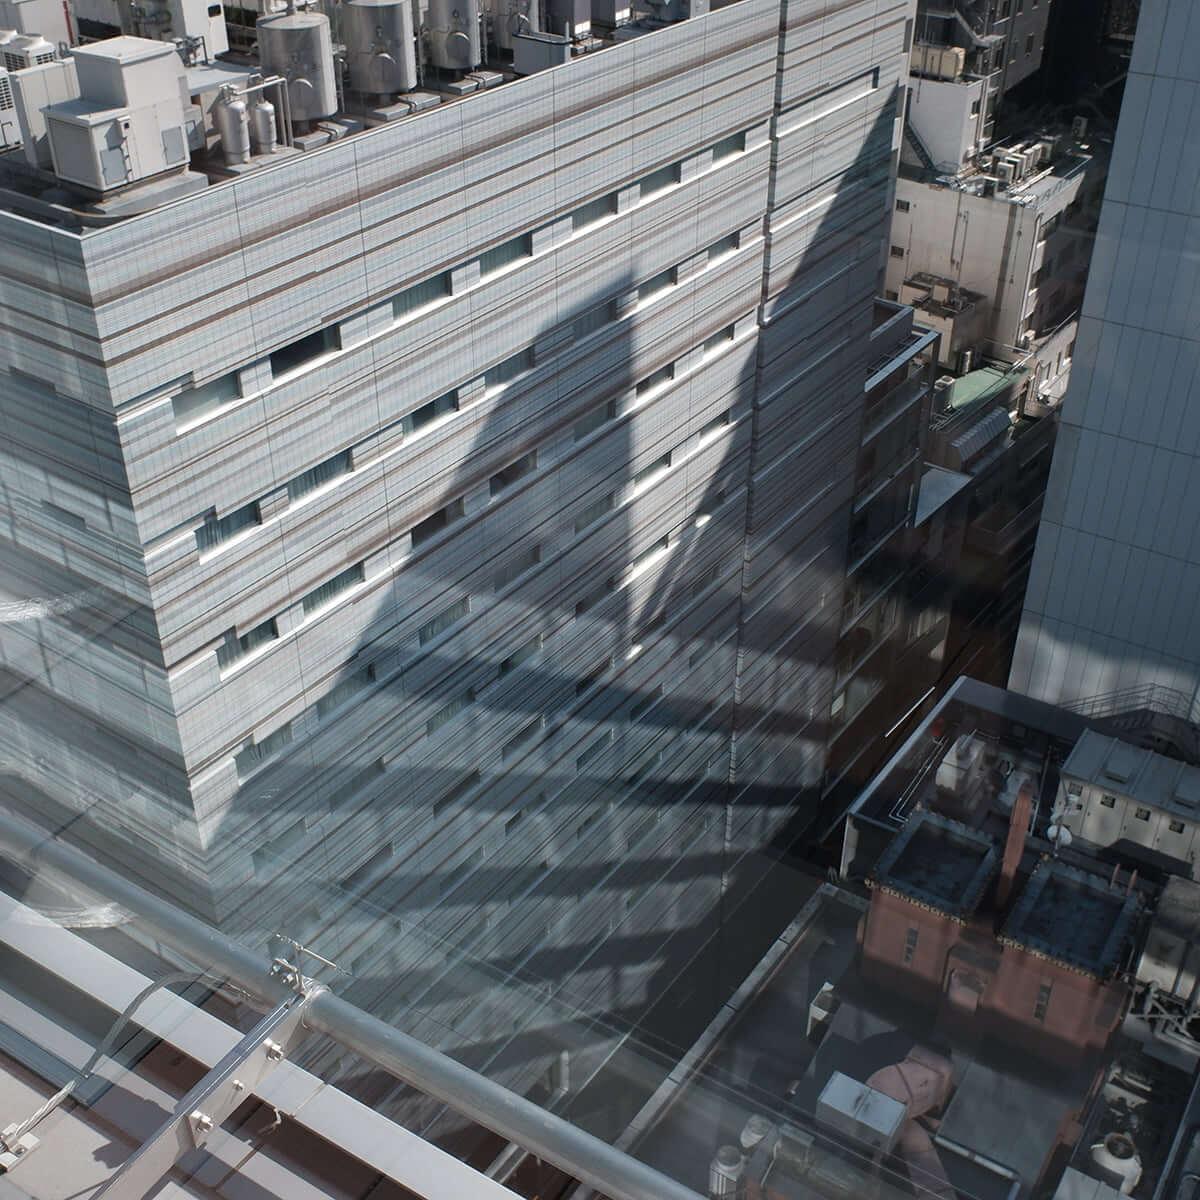 予定調和を崩してくれる心地の良い偶然。写真家・嶌村吉祥丸が捉えた東京の情景 kisshomaru_3581-1200x1200